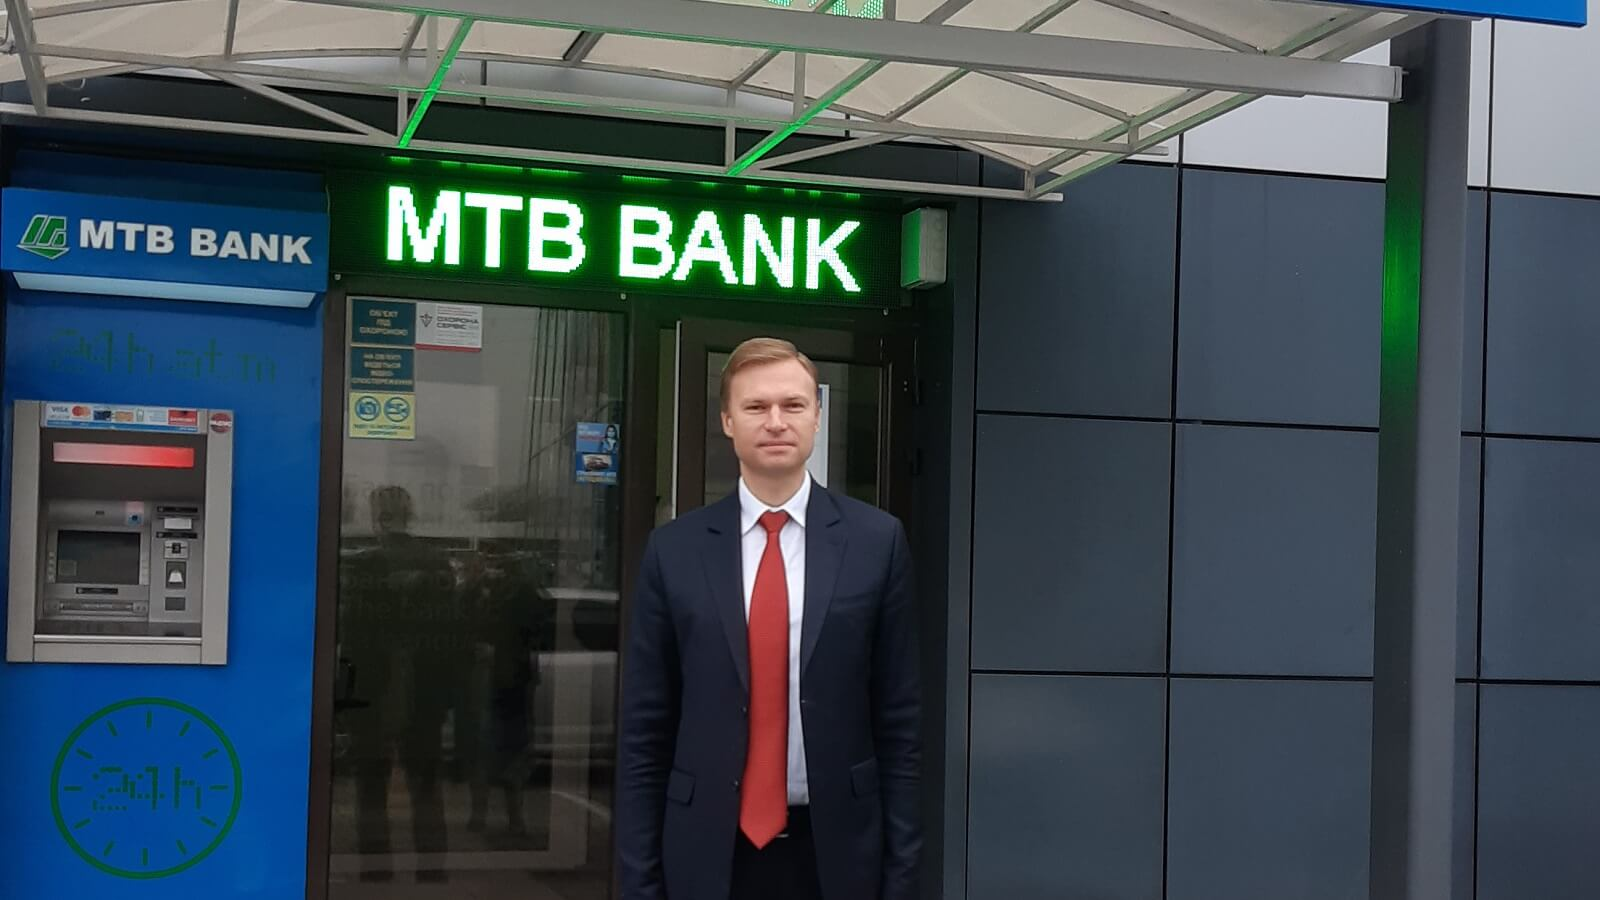 МТБ БАНК продовжує поширювати мережу відділень - фото - mtb.ua